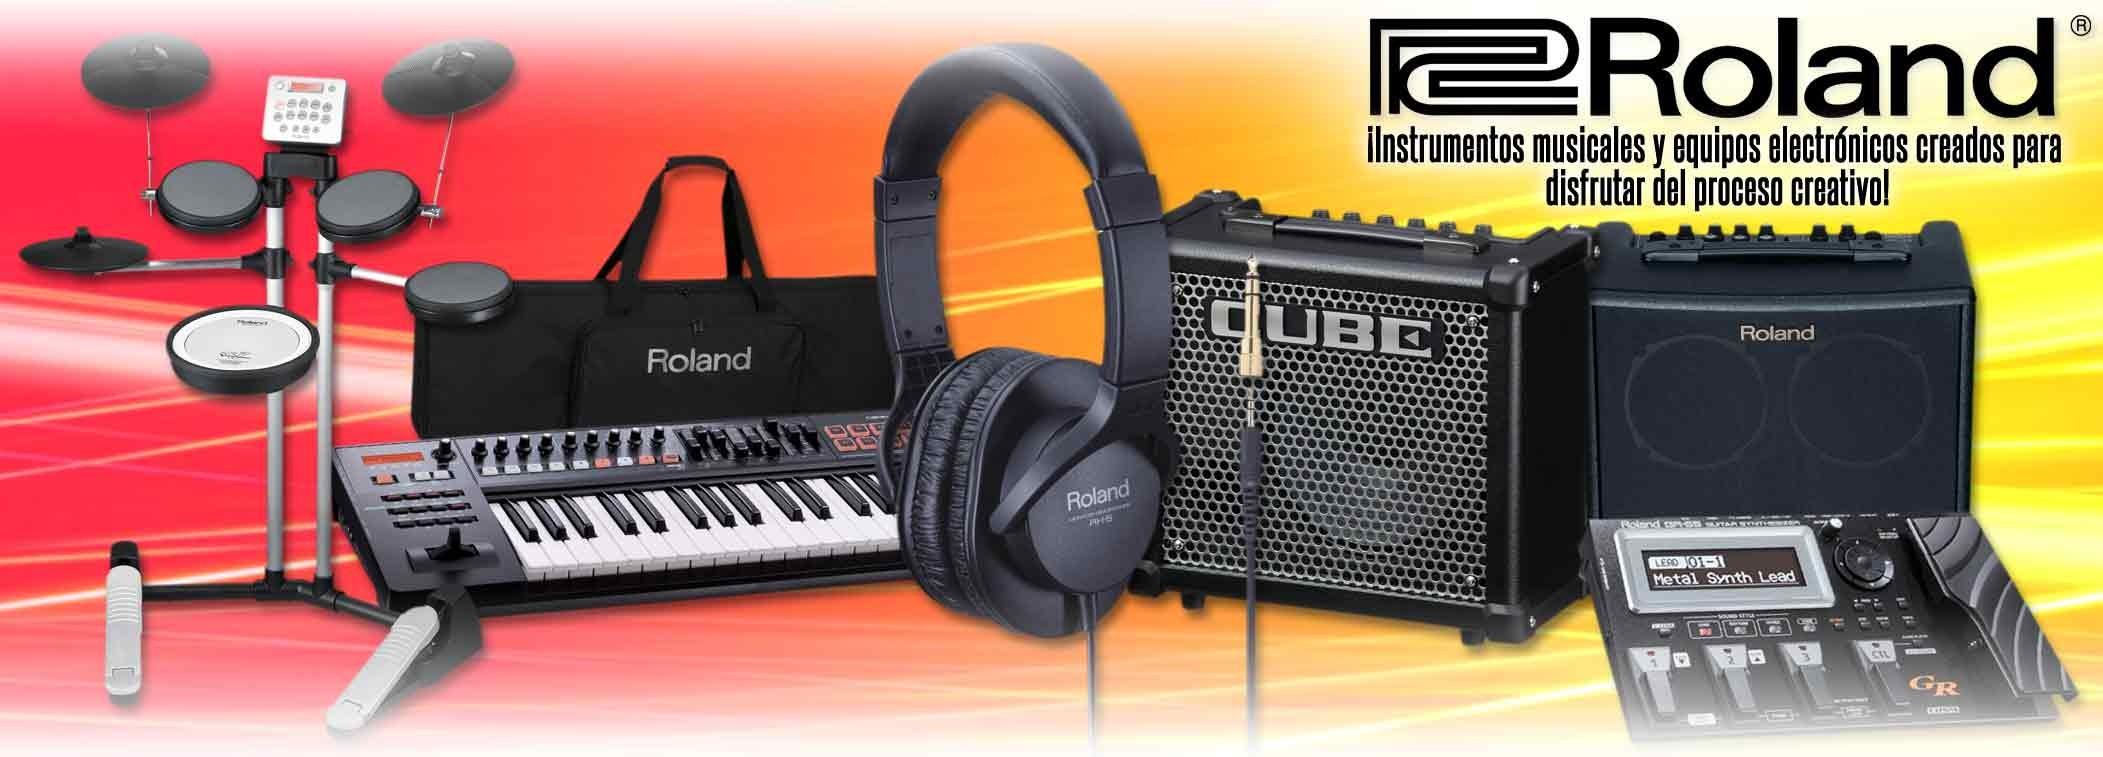 Roland - Instrumentos Musicales y Equipos Electrónicos Creados para Disfrutar del Proceso Creativo!